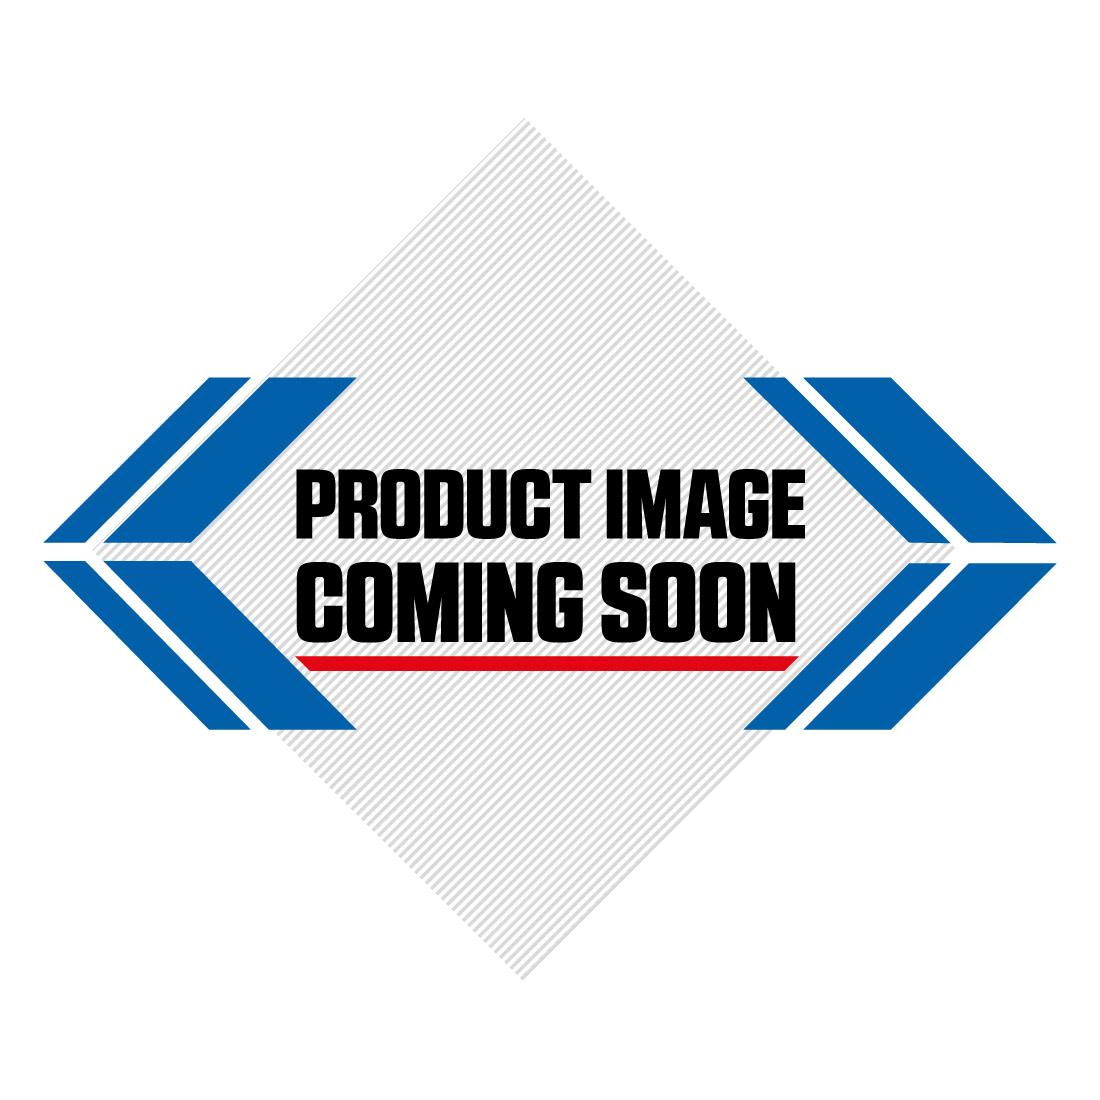 UFO Plastic Kit Husqvarna OEM Factory Image-1>